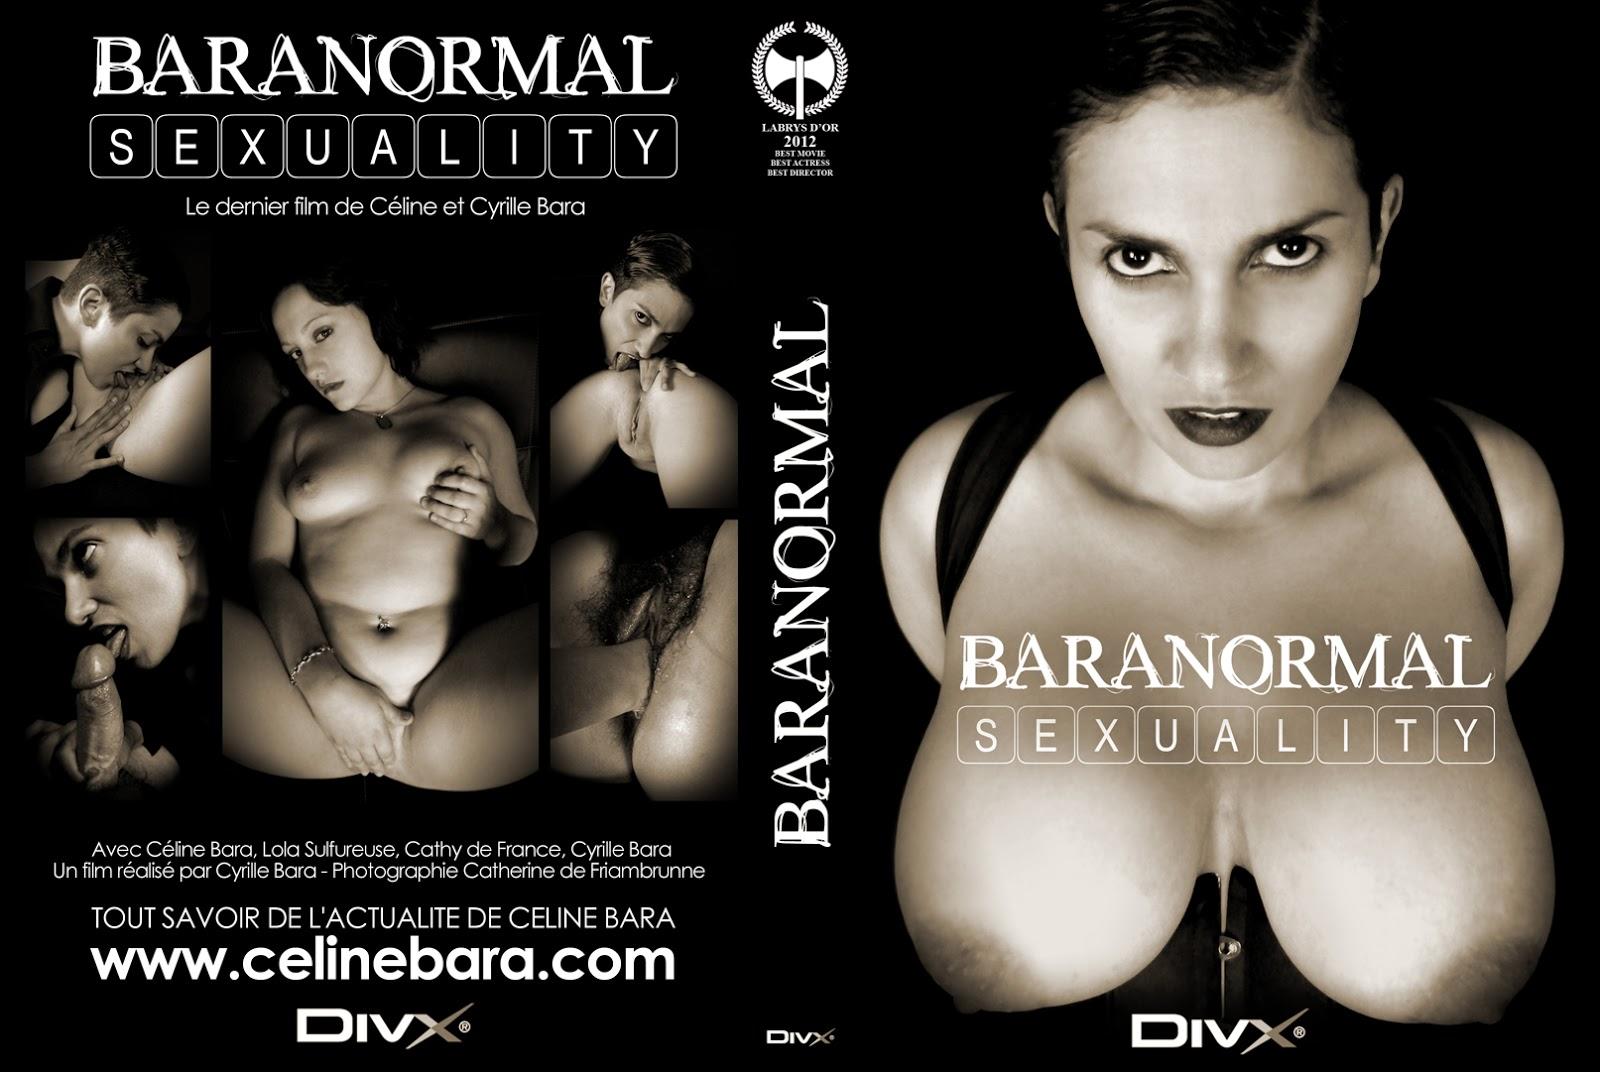 Des lesbiennes stars du porno - Pornodinguecom